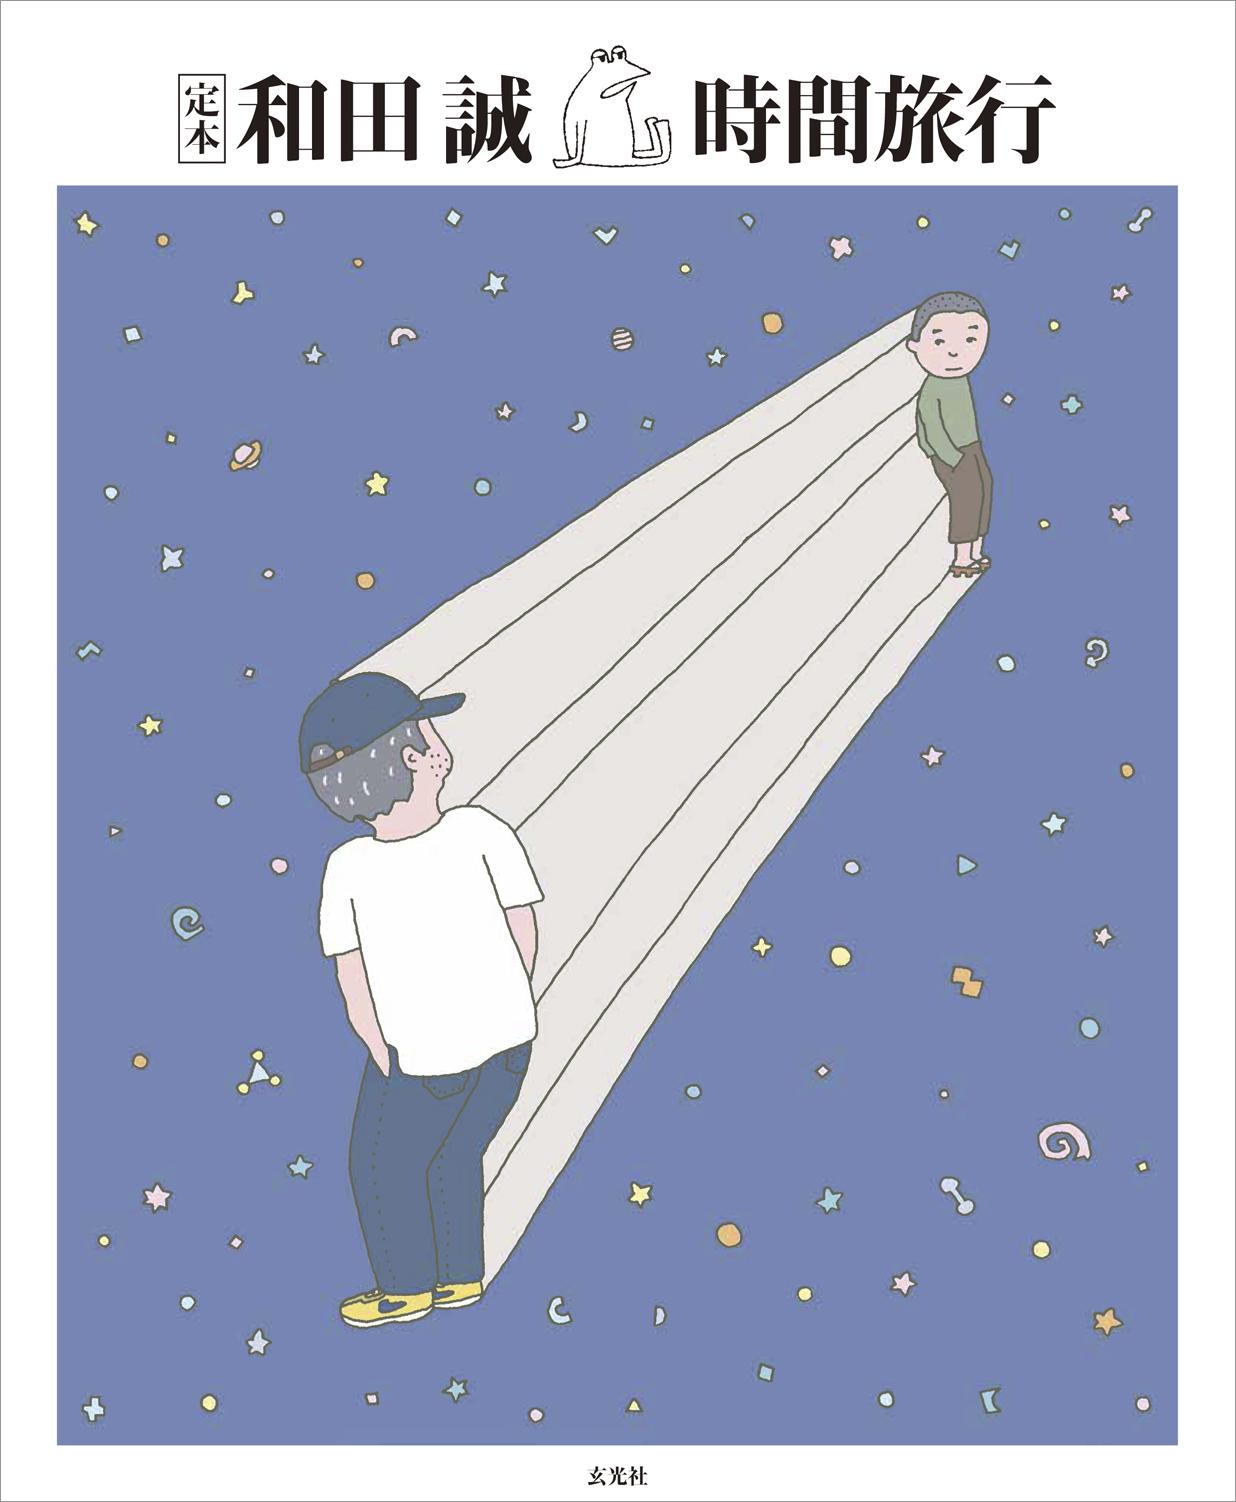 4歳から82歳までの和田誠が見られるオールタイムベスト作品集定本